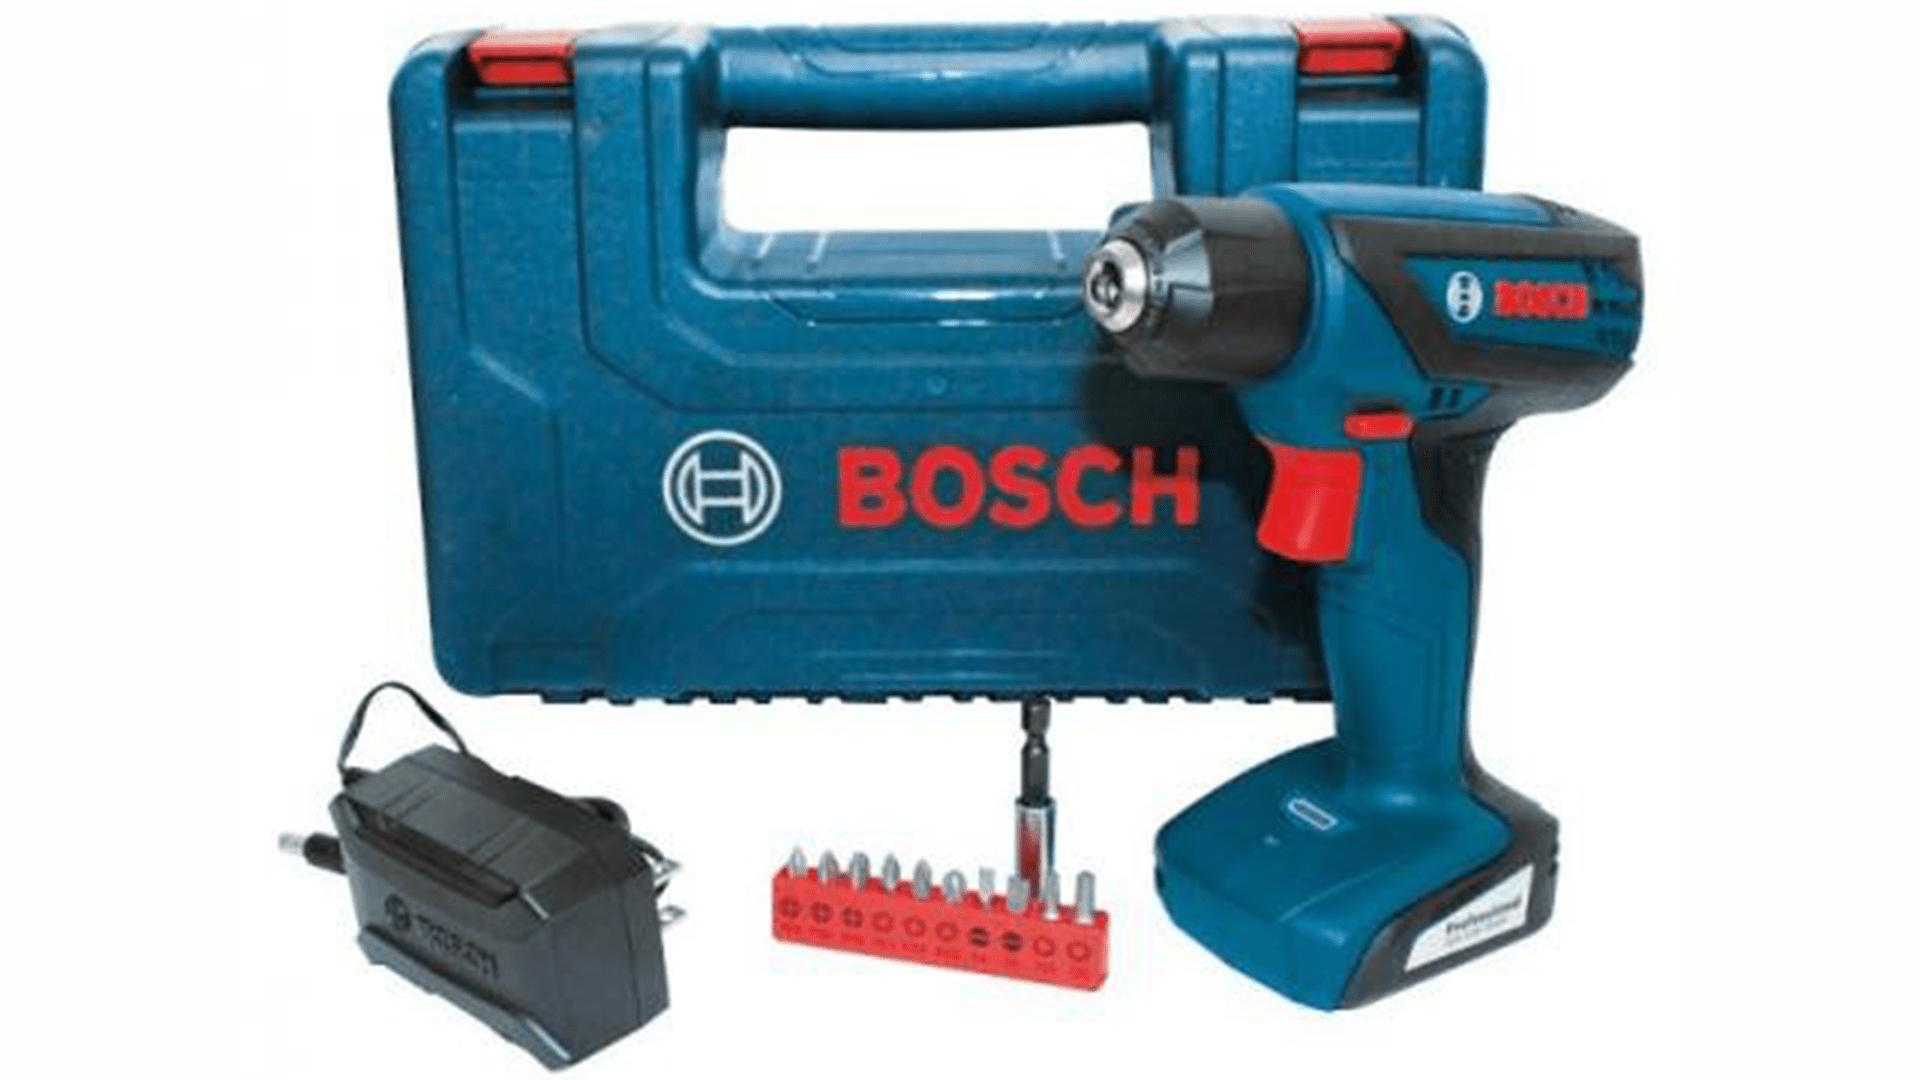 Parafusadeira  Bosch GSR 1000 Smart de 12 v – Review